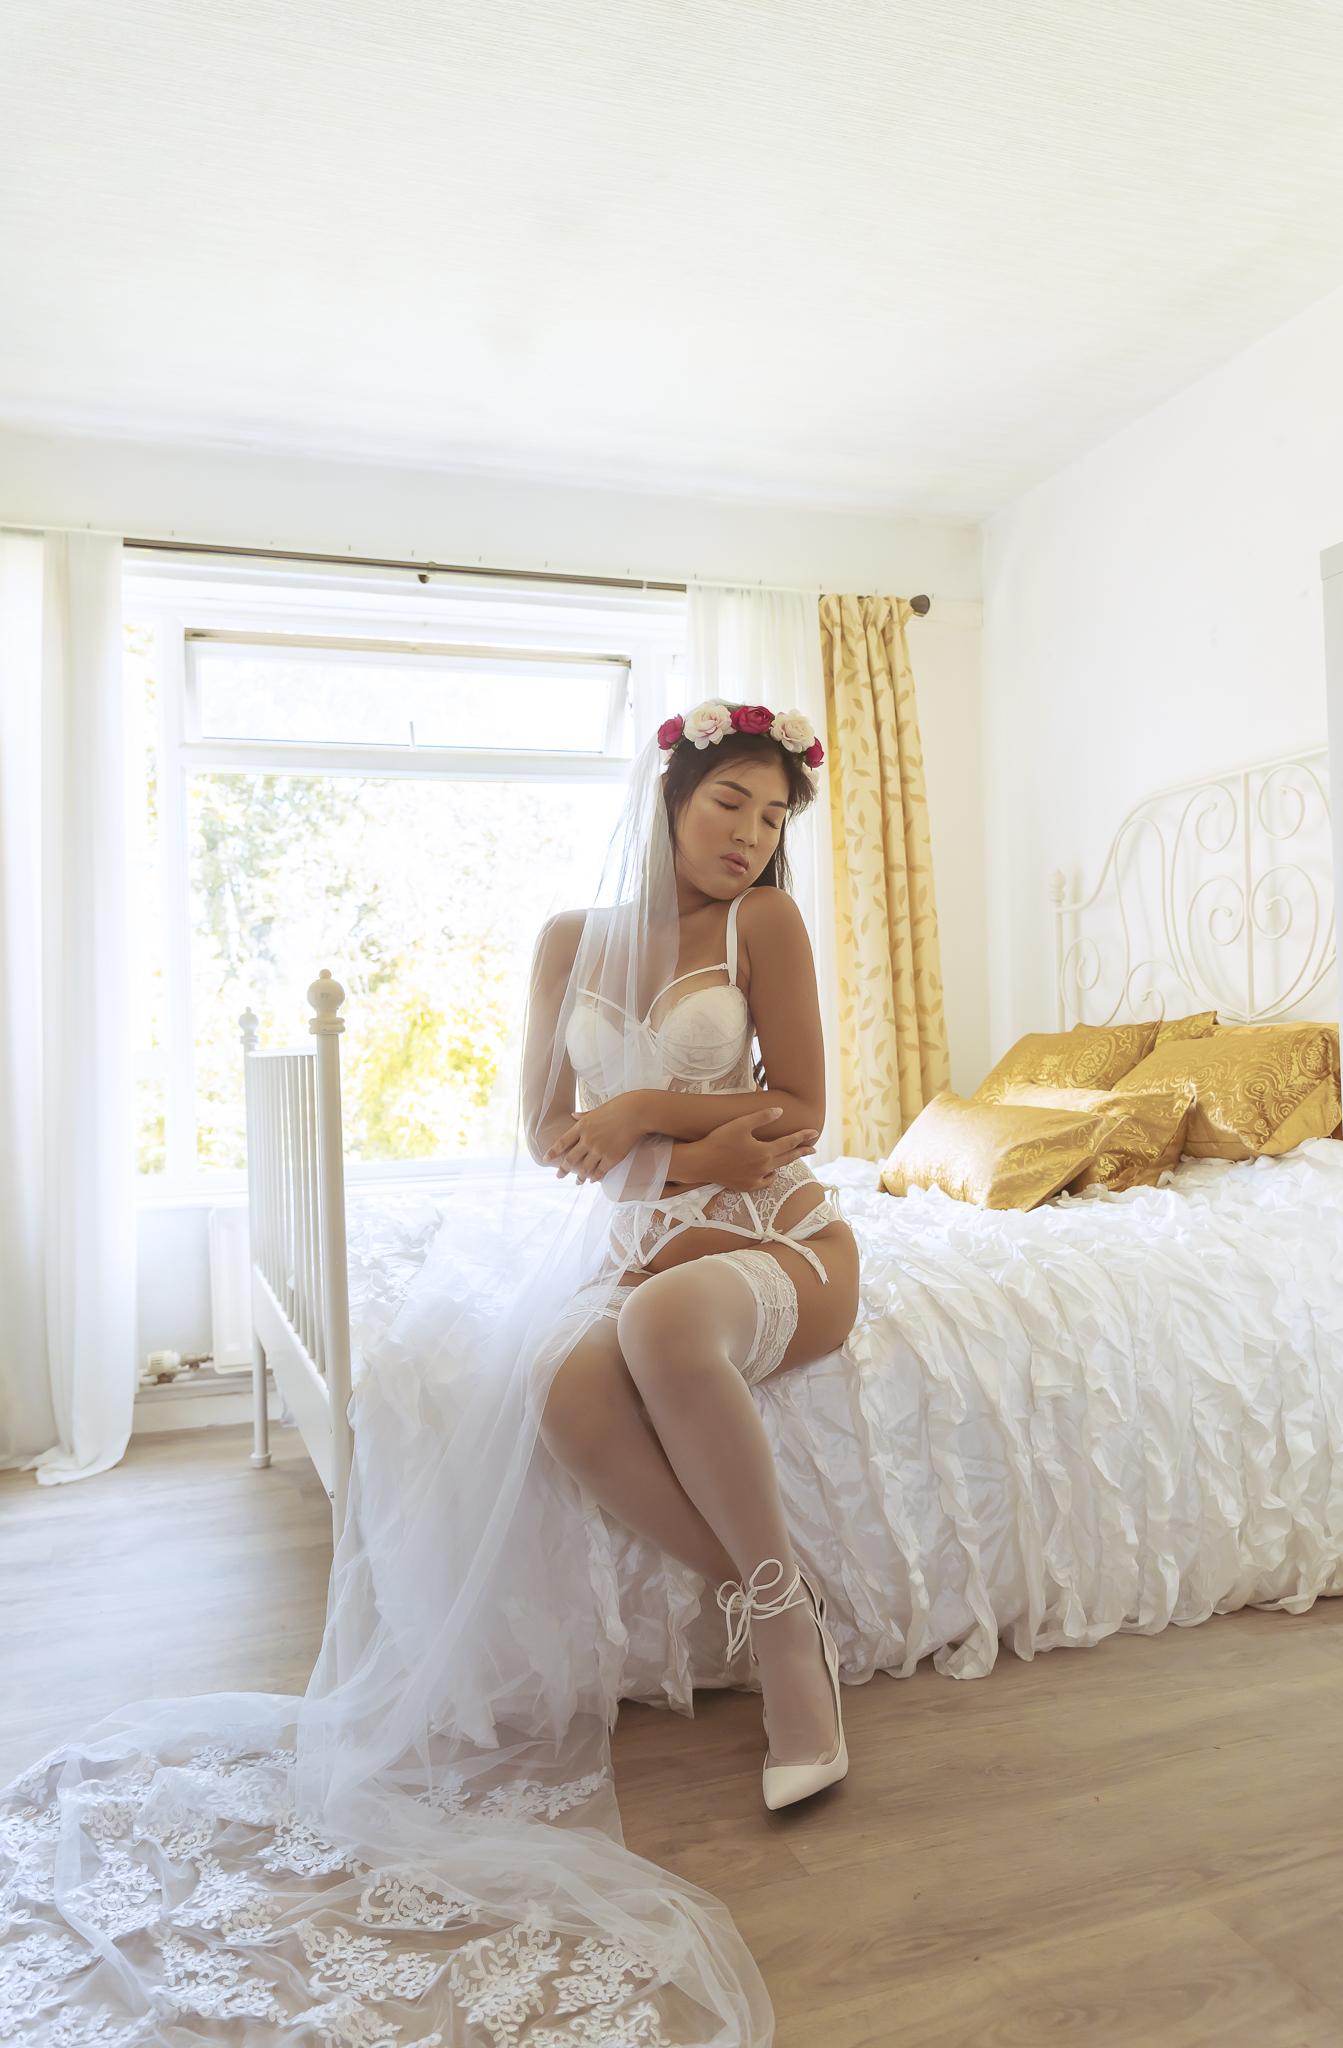 Lonodn boudoir photo shoot-14